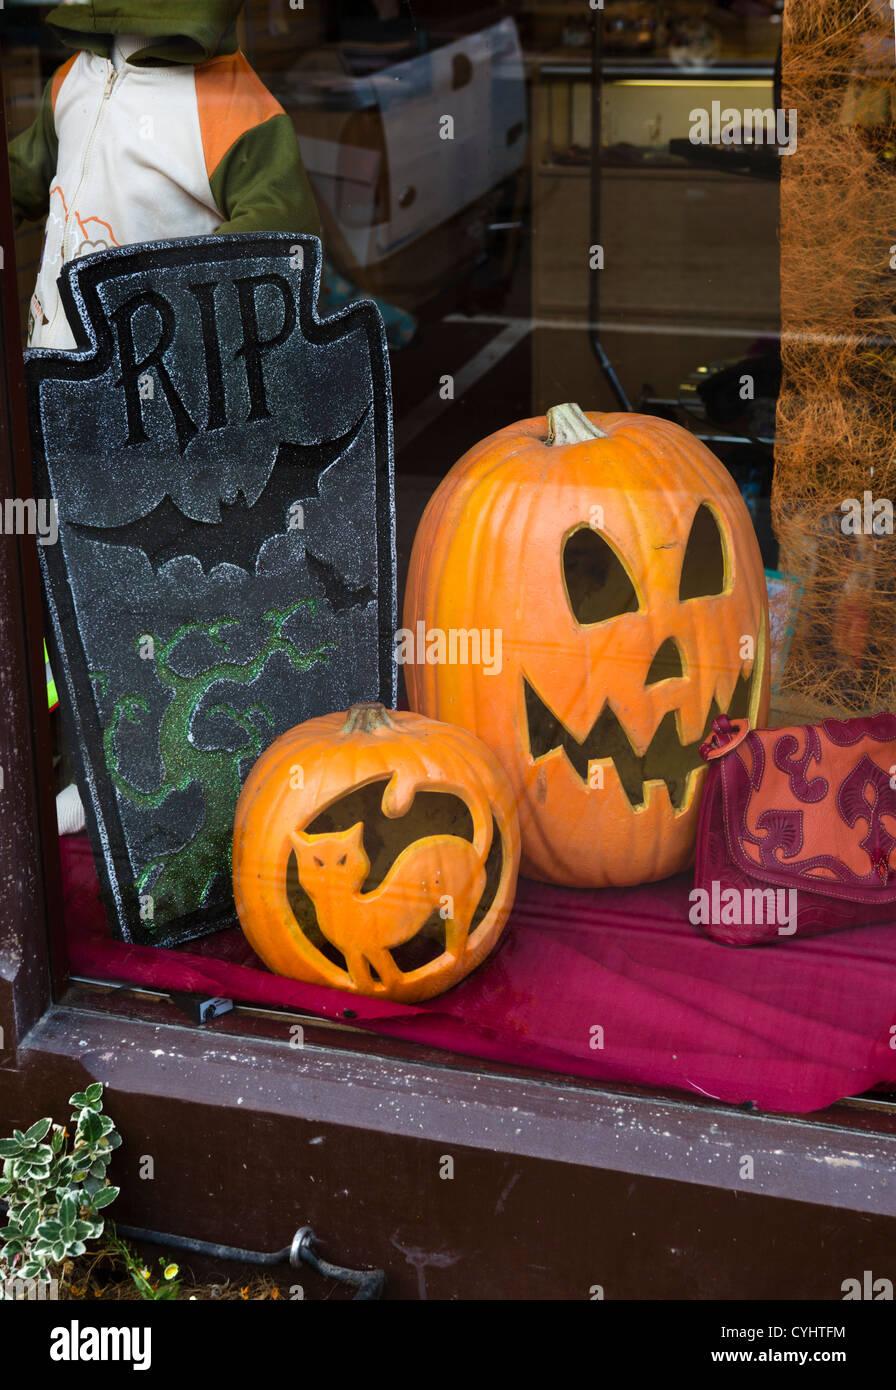 Ventana de visualización para Halloween en Port Townsend, Península Olímpica, Washington, EE.UU. Imagen De Stock